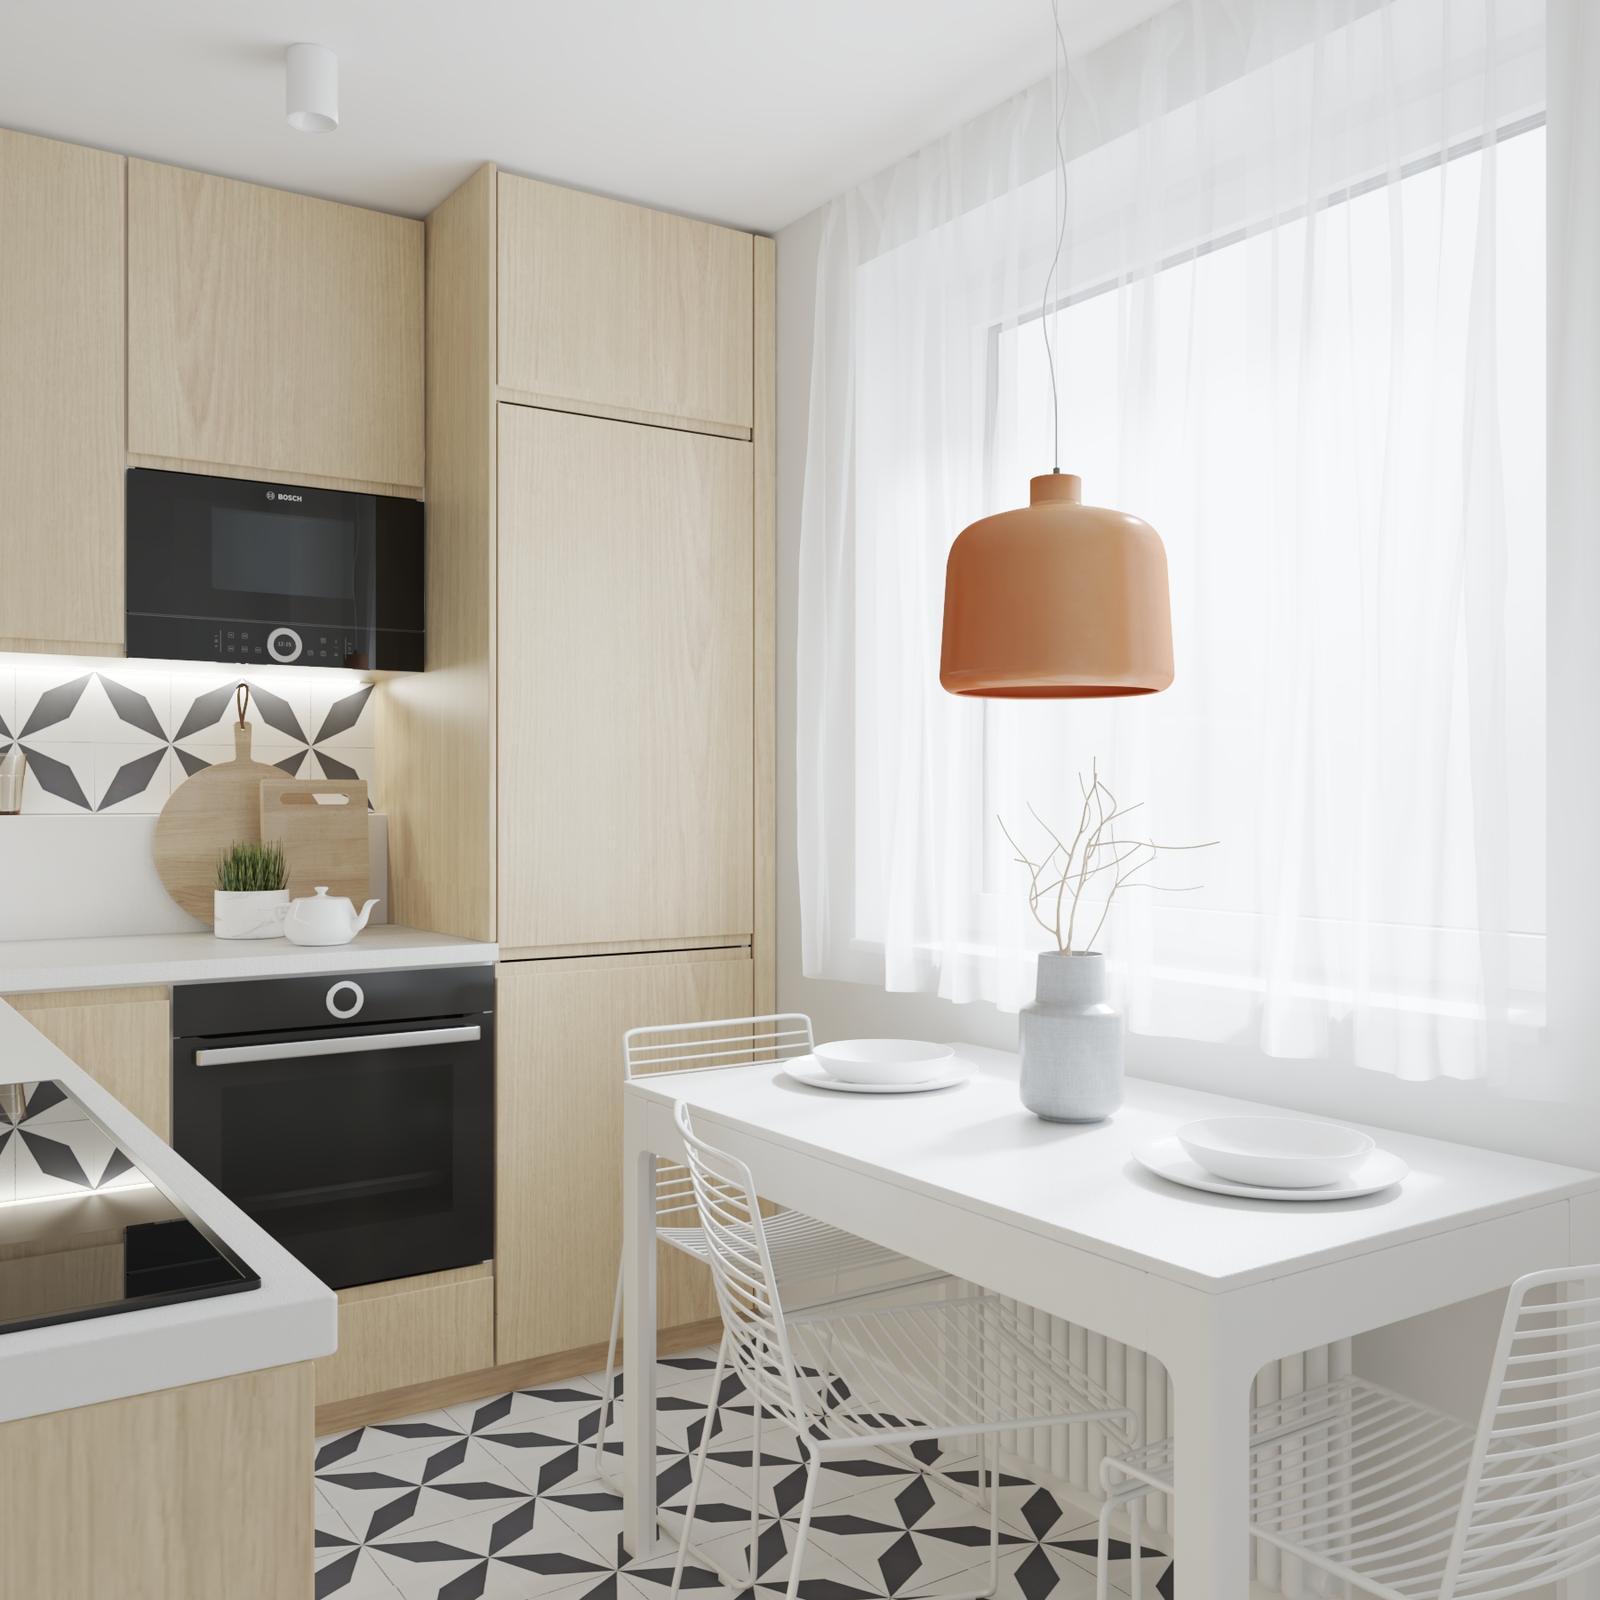 Dizajnovy návrh kuchyne - Obrázok č. 1